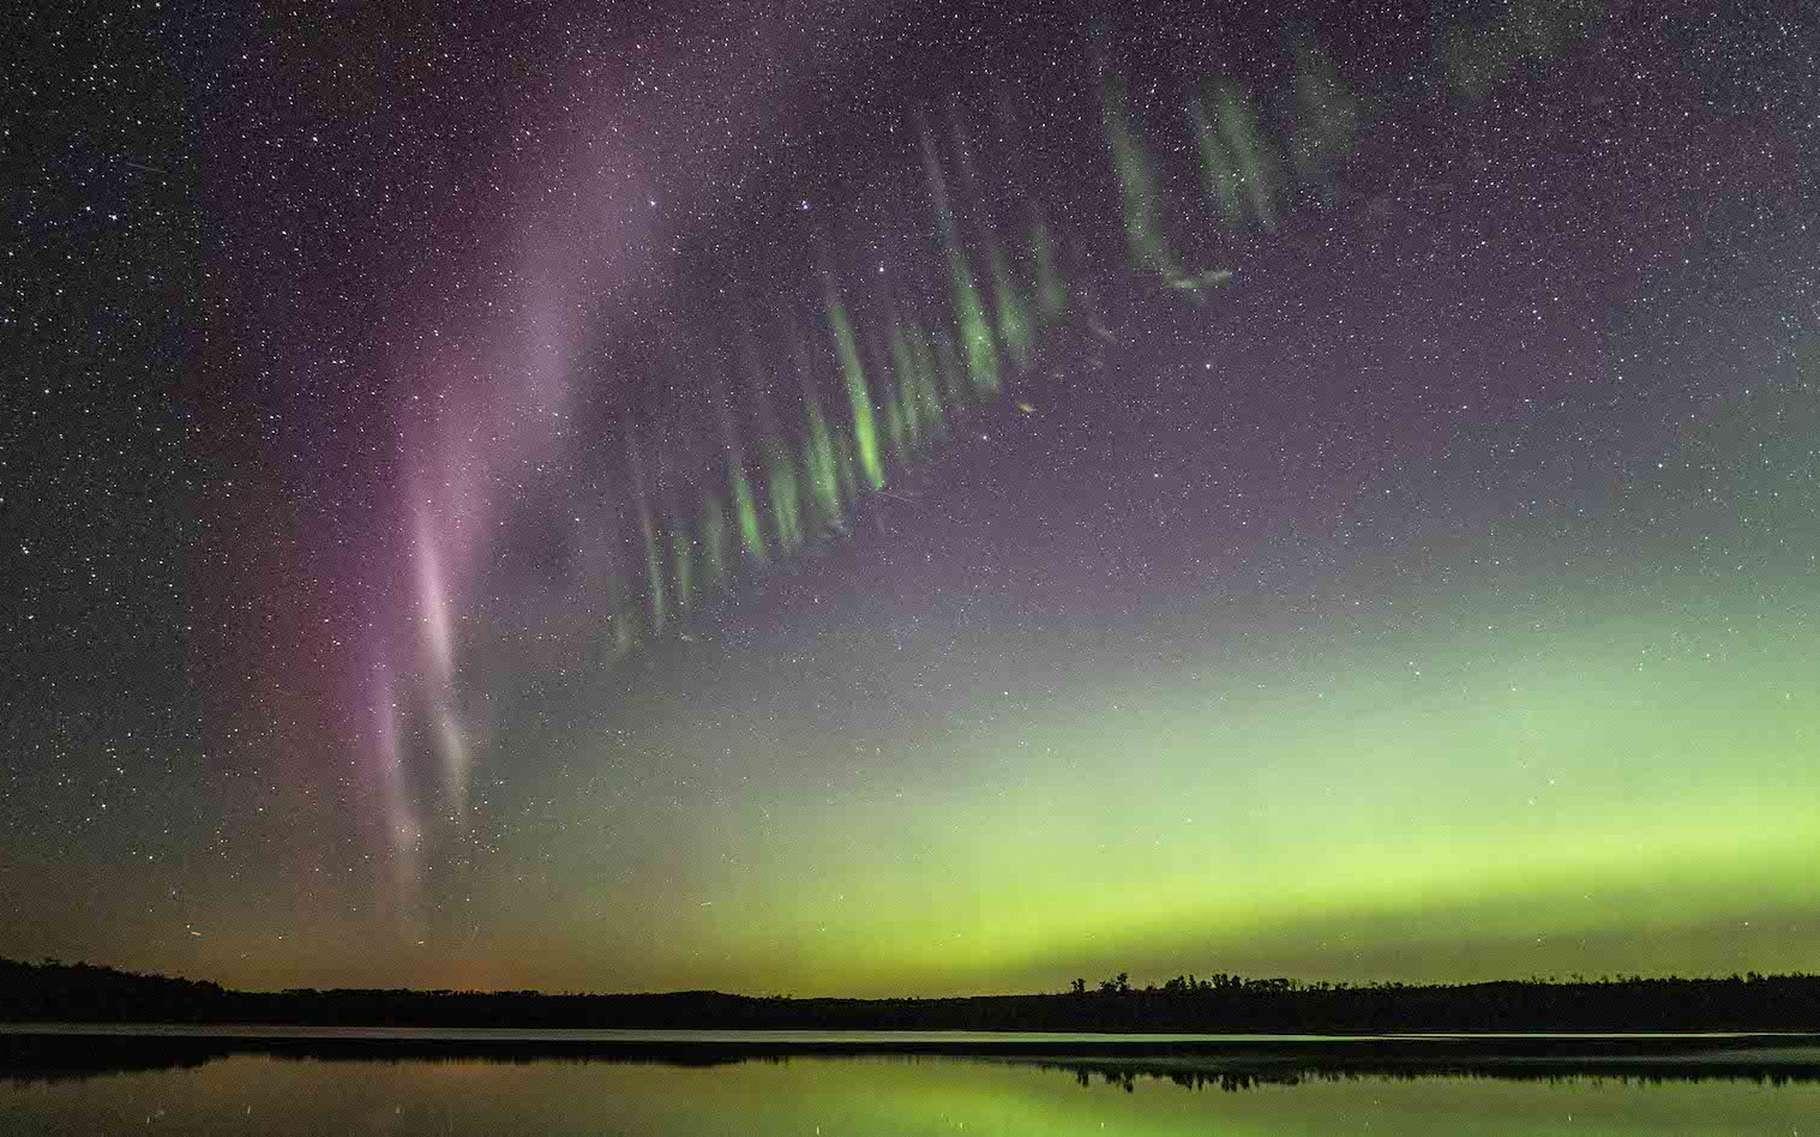 Sur cette image, on distingue parfaitement les deux composantes du phénomène Steve : une sorte de clôture à piquet verte surmontée d'un ruban violet. C'est dans la partie verte que les astronomes de la Nasa ont observé de fines stries qui pourraient les aider à résoudre le mystère de l'origine du phénomène. © Nasa